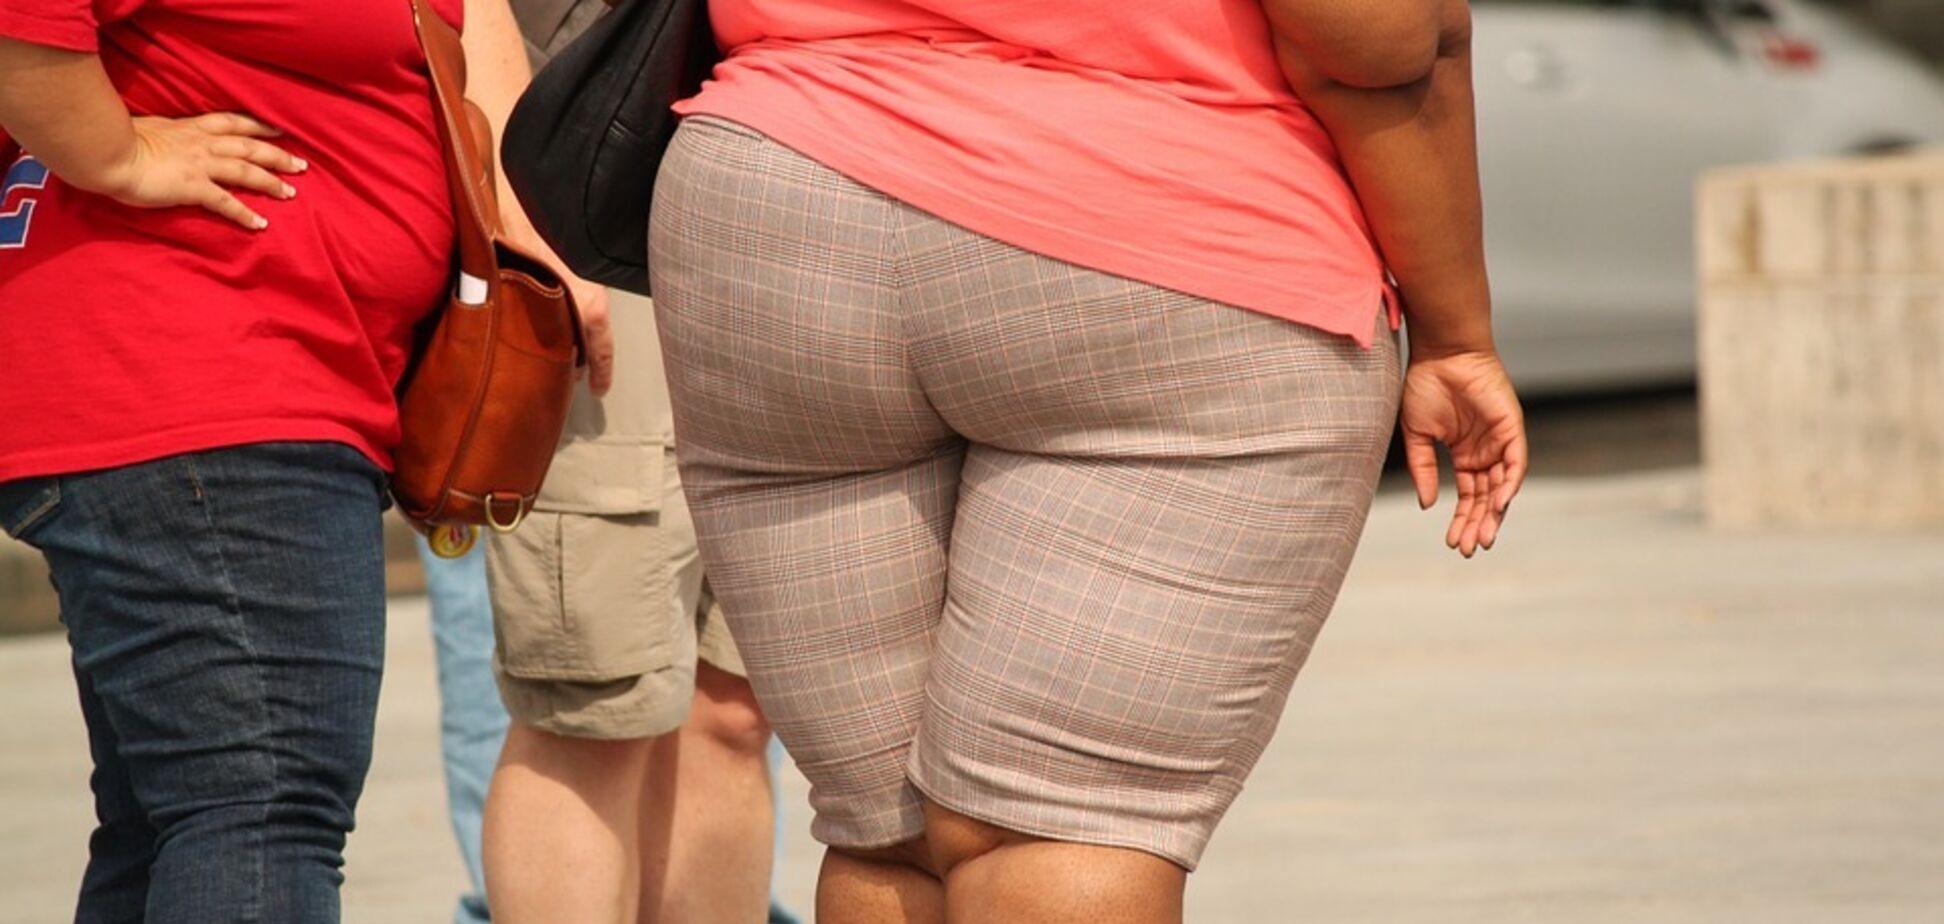 Раскрыта главная причина ожирения у людей